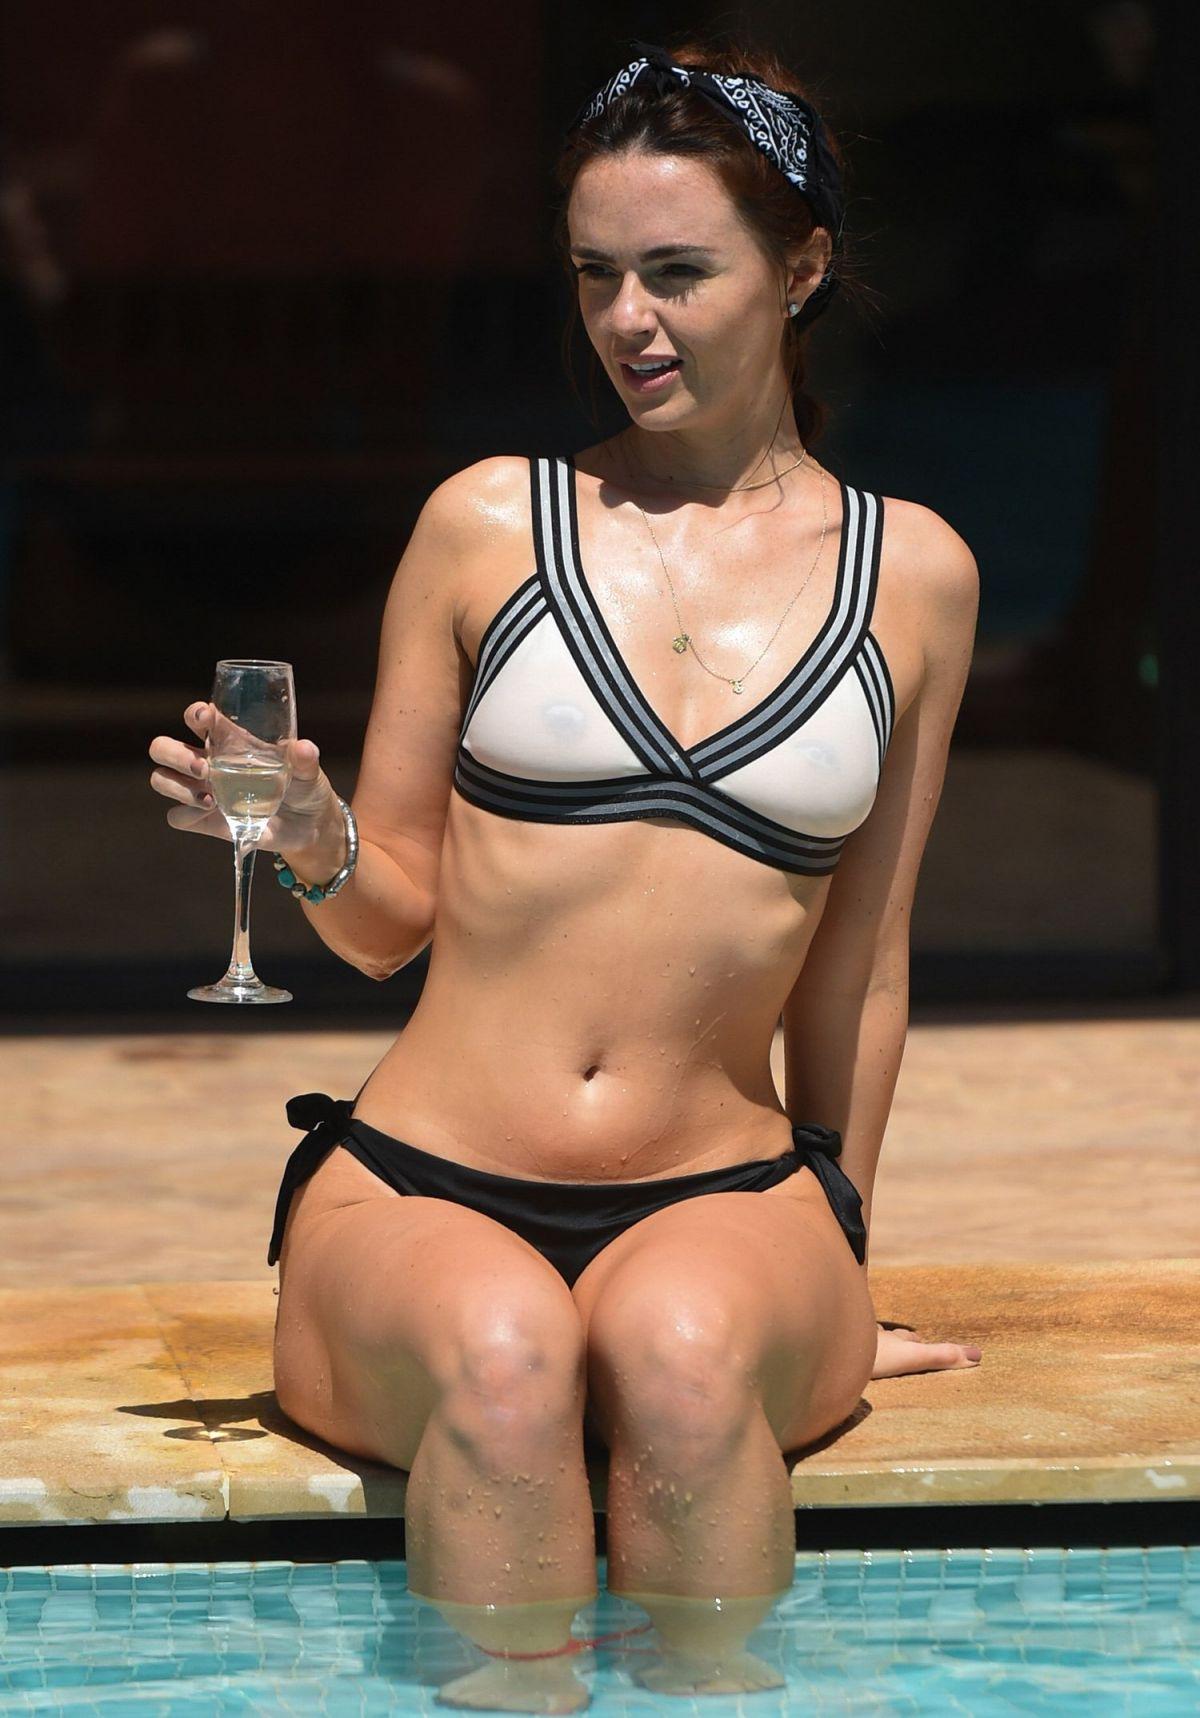 Bikini Jennifer Metcalfe nude (14 foto and video), Tits, Hot, Twitter, in bikini 2017